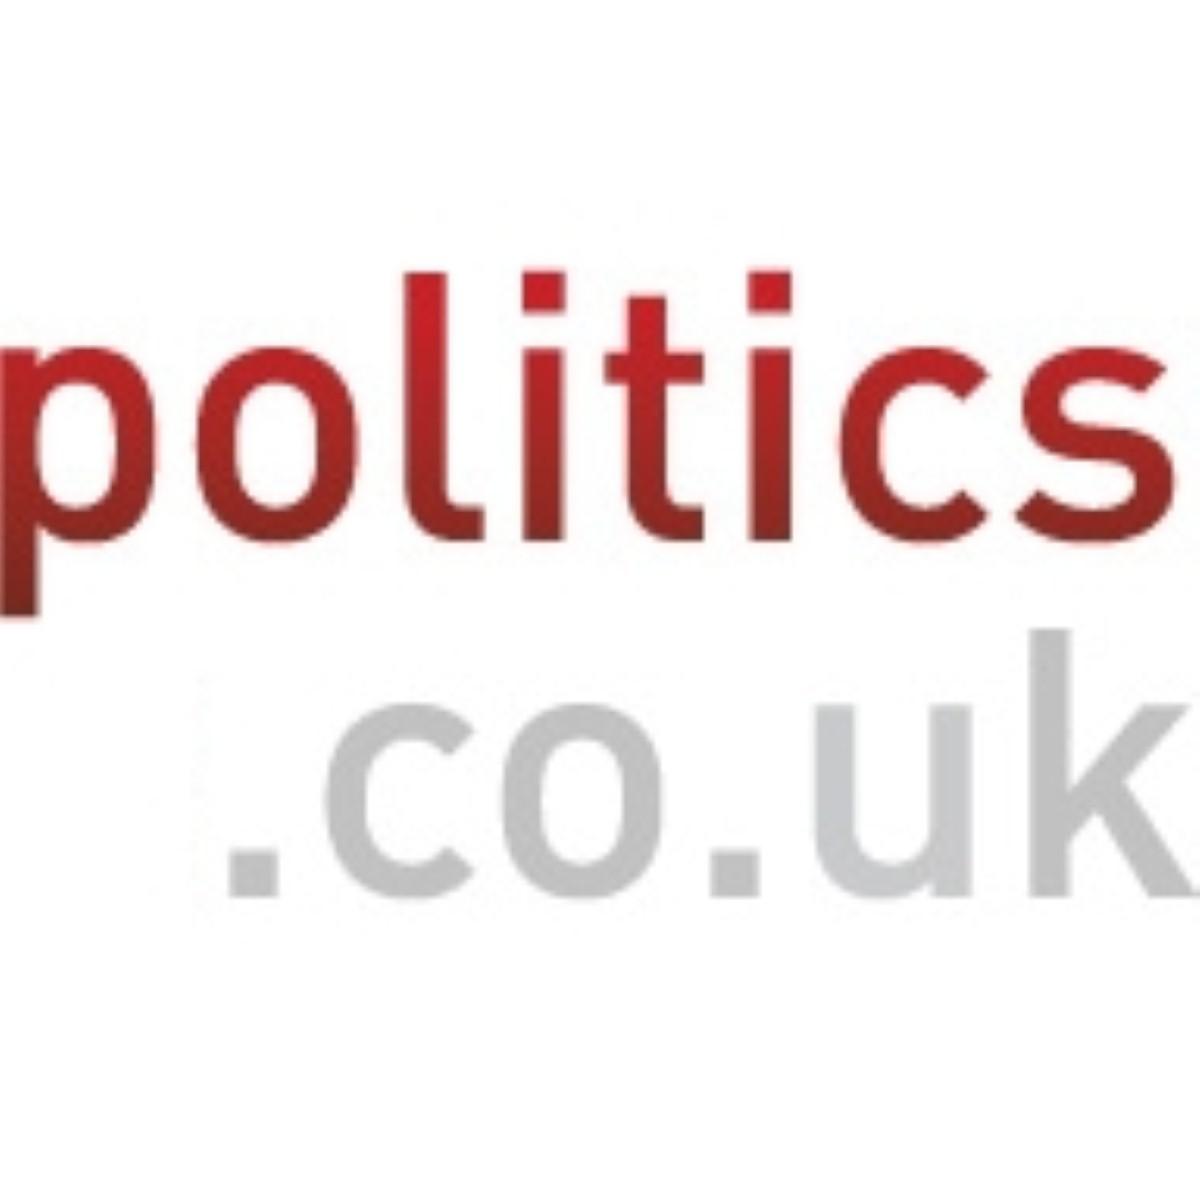 Unite: Unemployment figures are a scandal